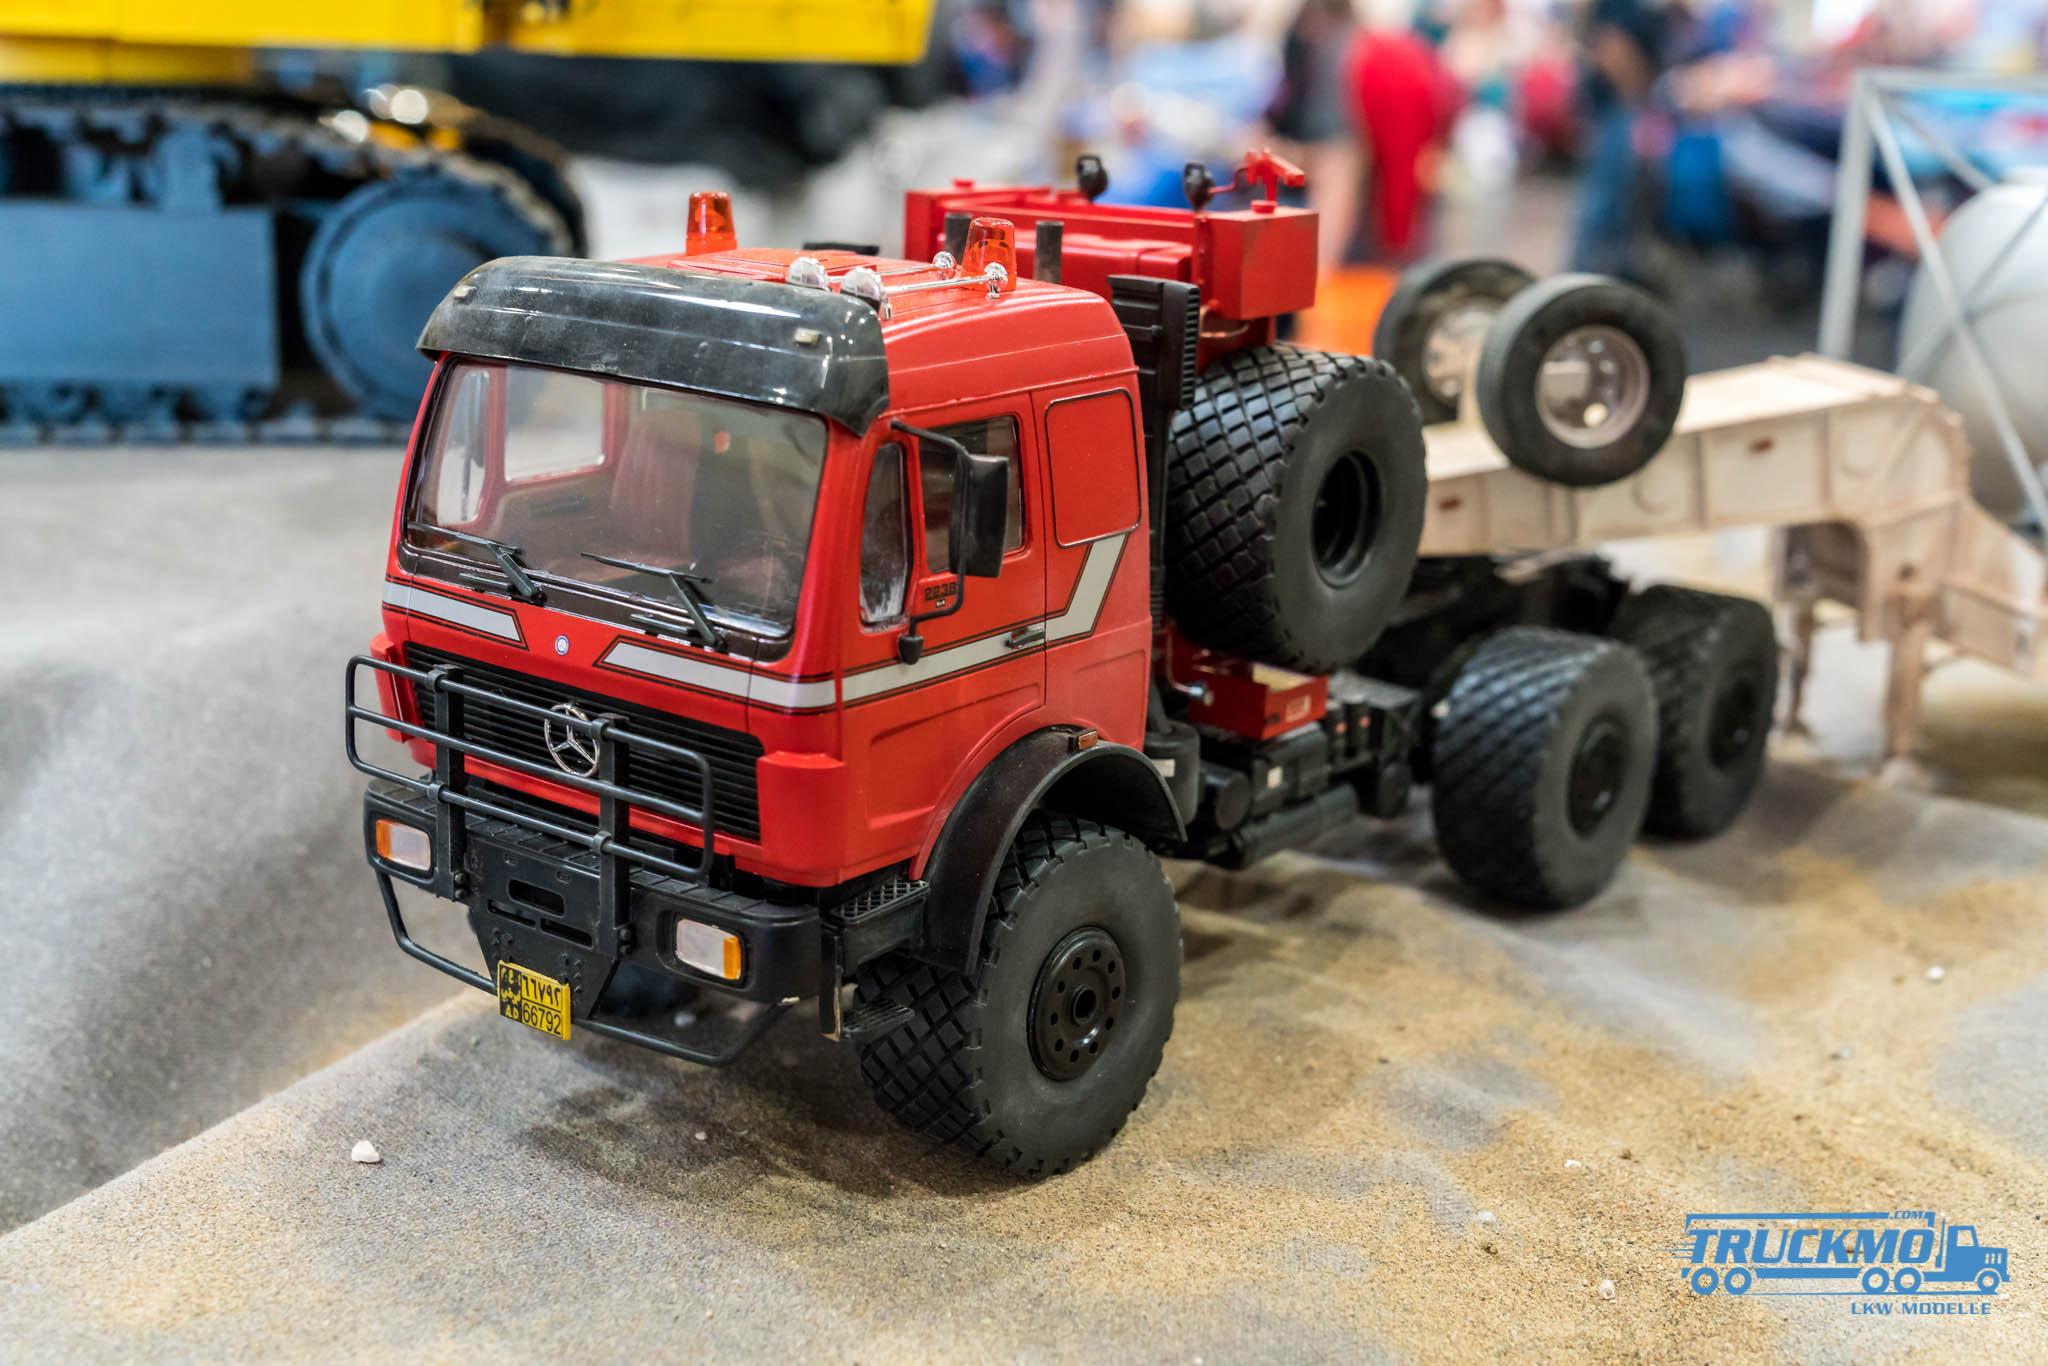 Truckmo_Modellbau_Ried_2017_Herpa_Messe_Modellbauausstellung (419 von 1177)